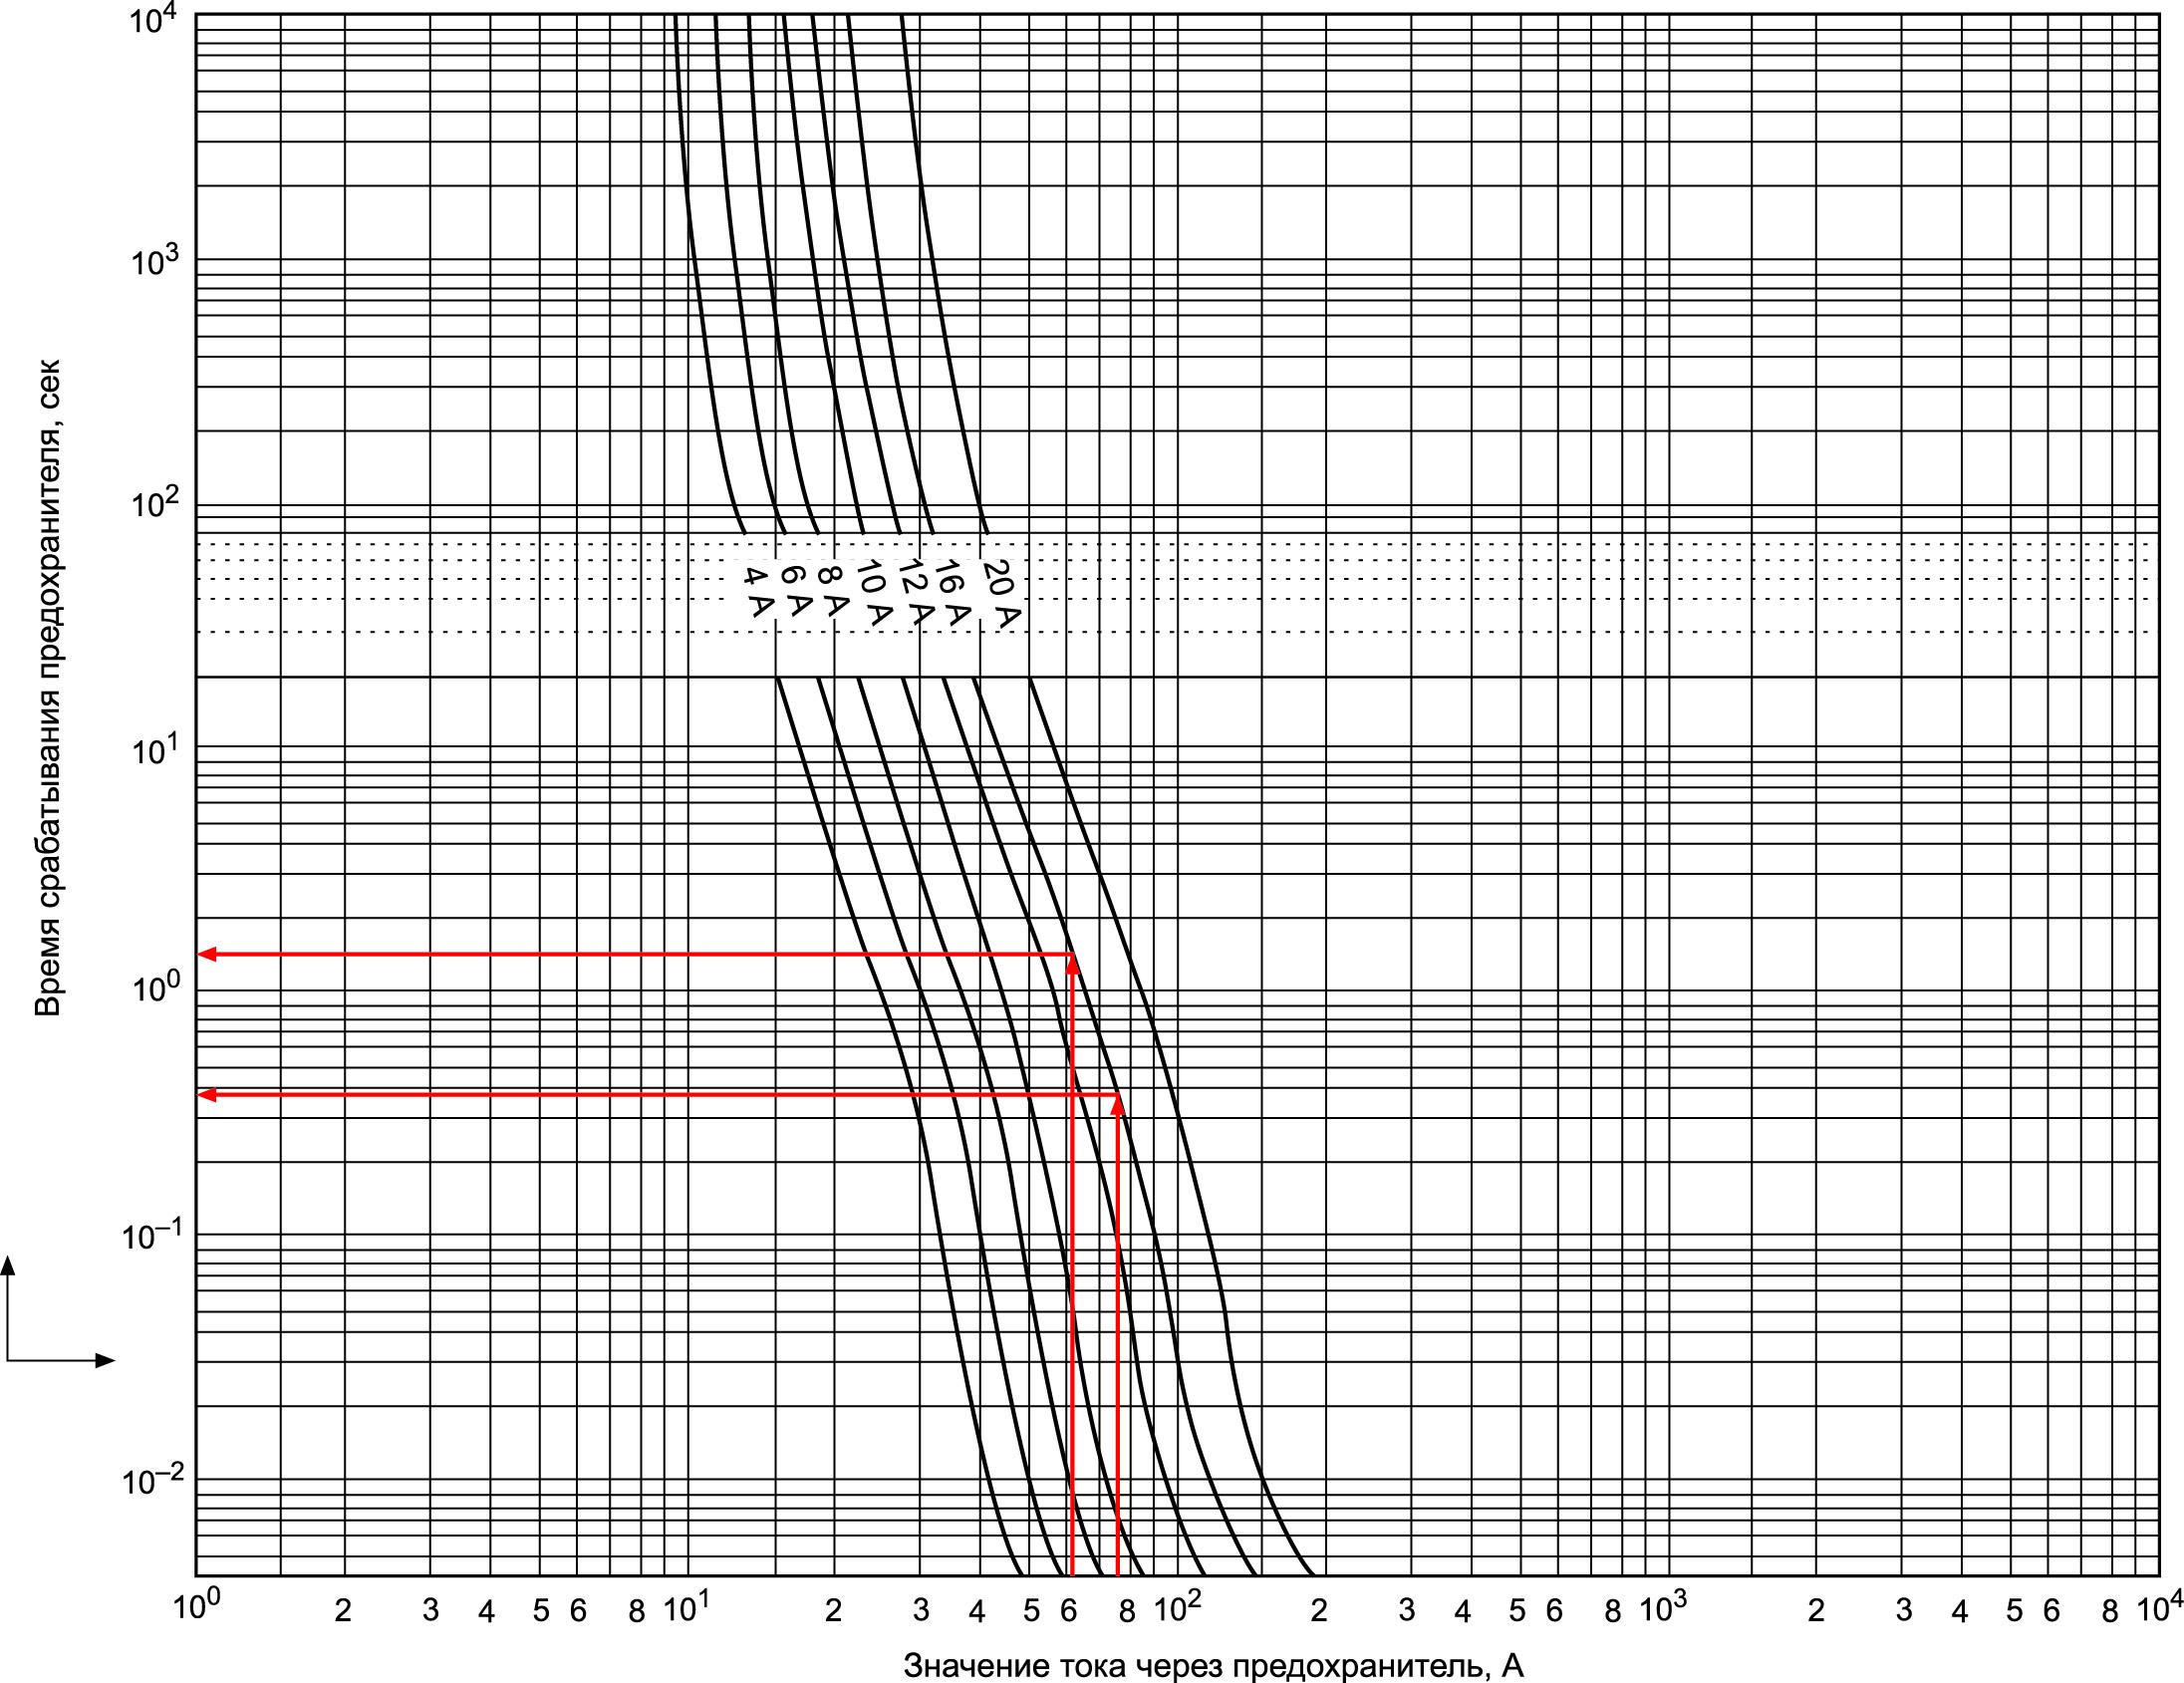 Времятоковая характеристика выбранного предохранителя гелиоэнергетической установки